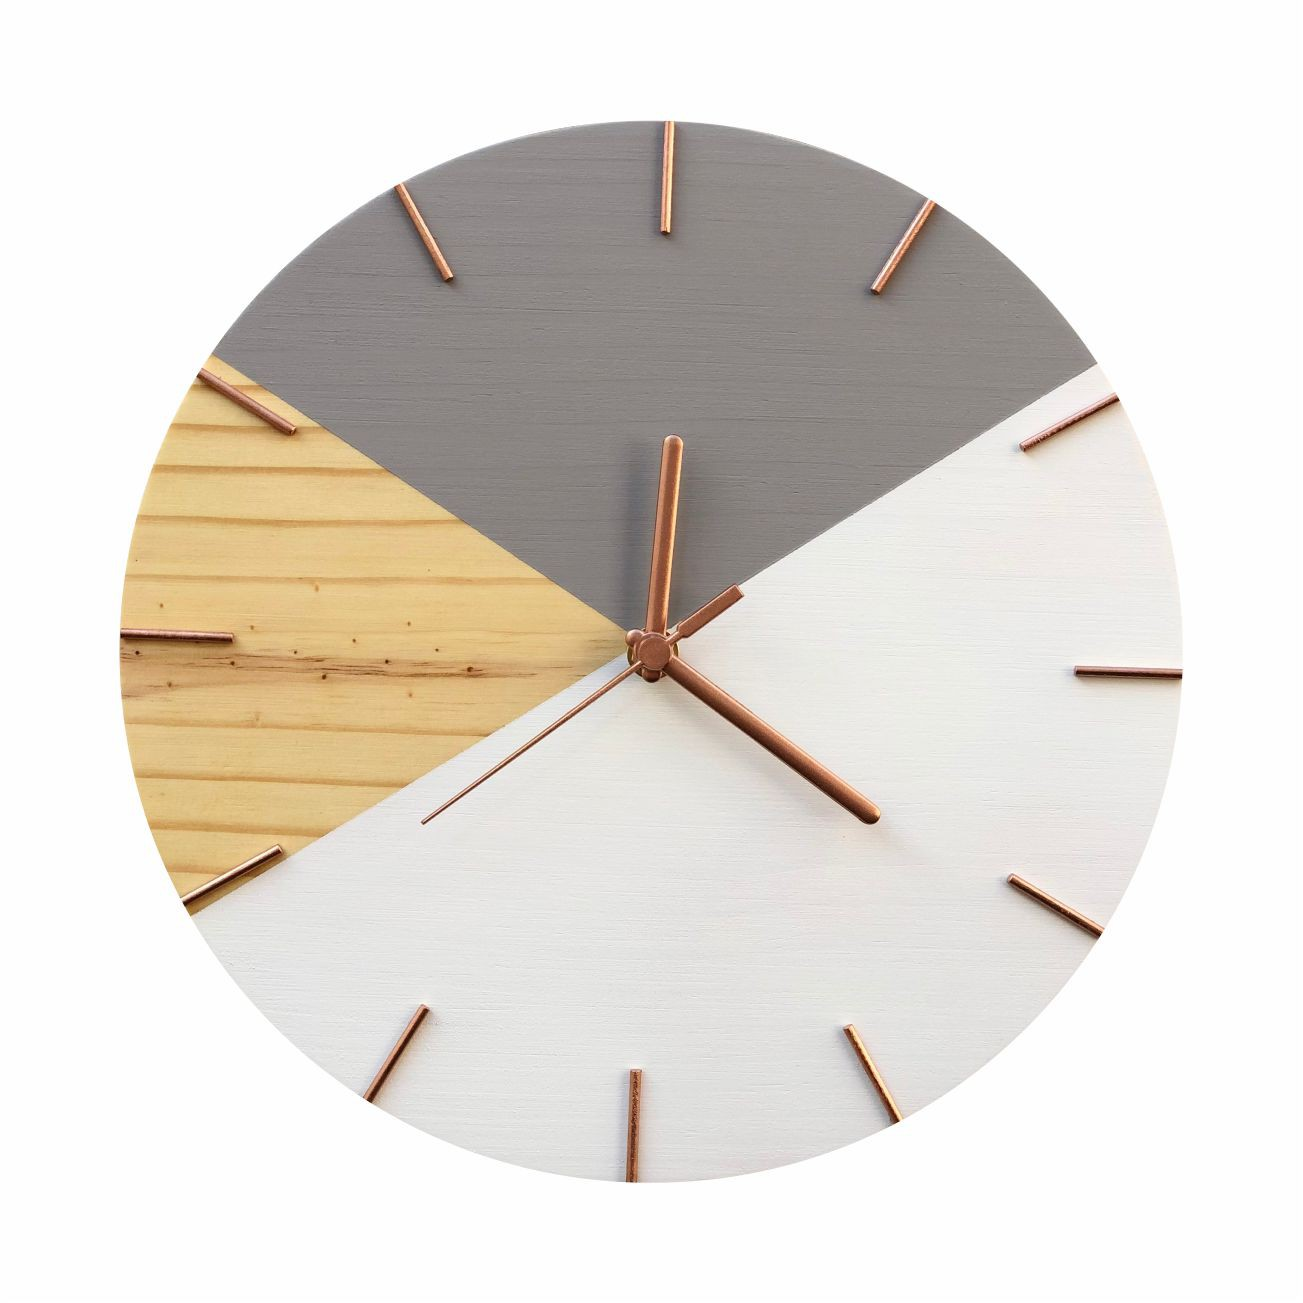 Relógio de Parede Em Madeira Geométrico Cinza e Branco Minimalista com Detalhes Rosê Gold